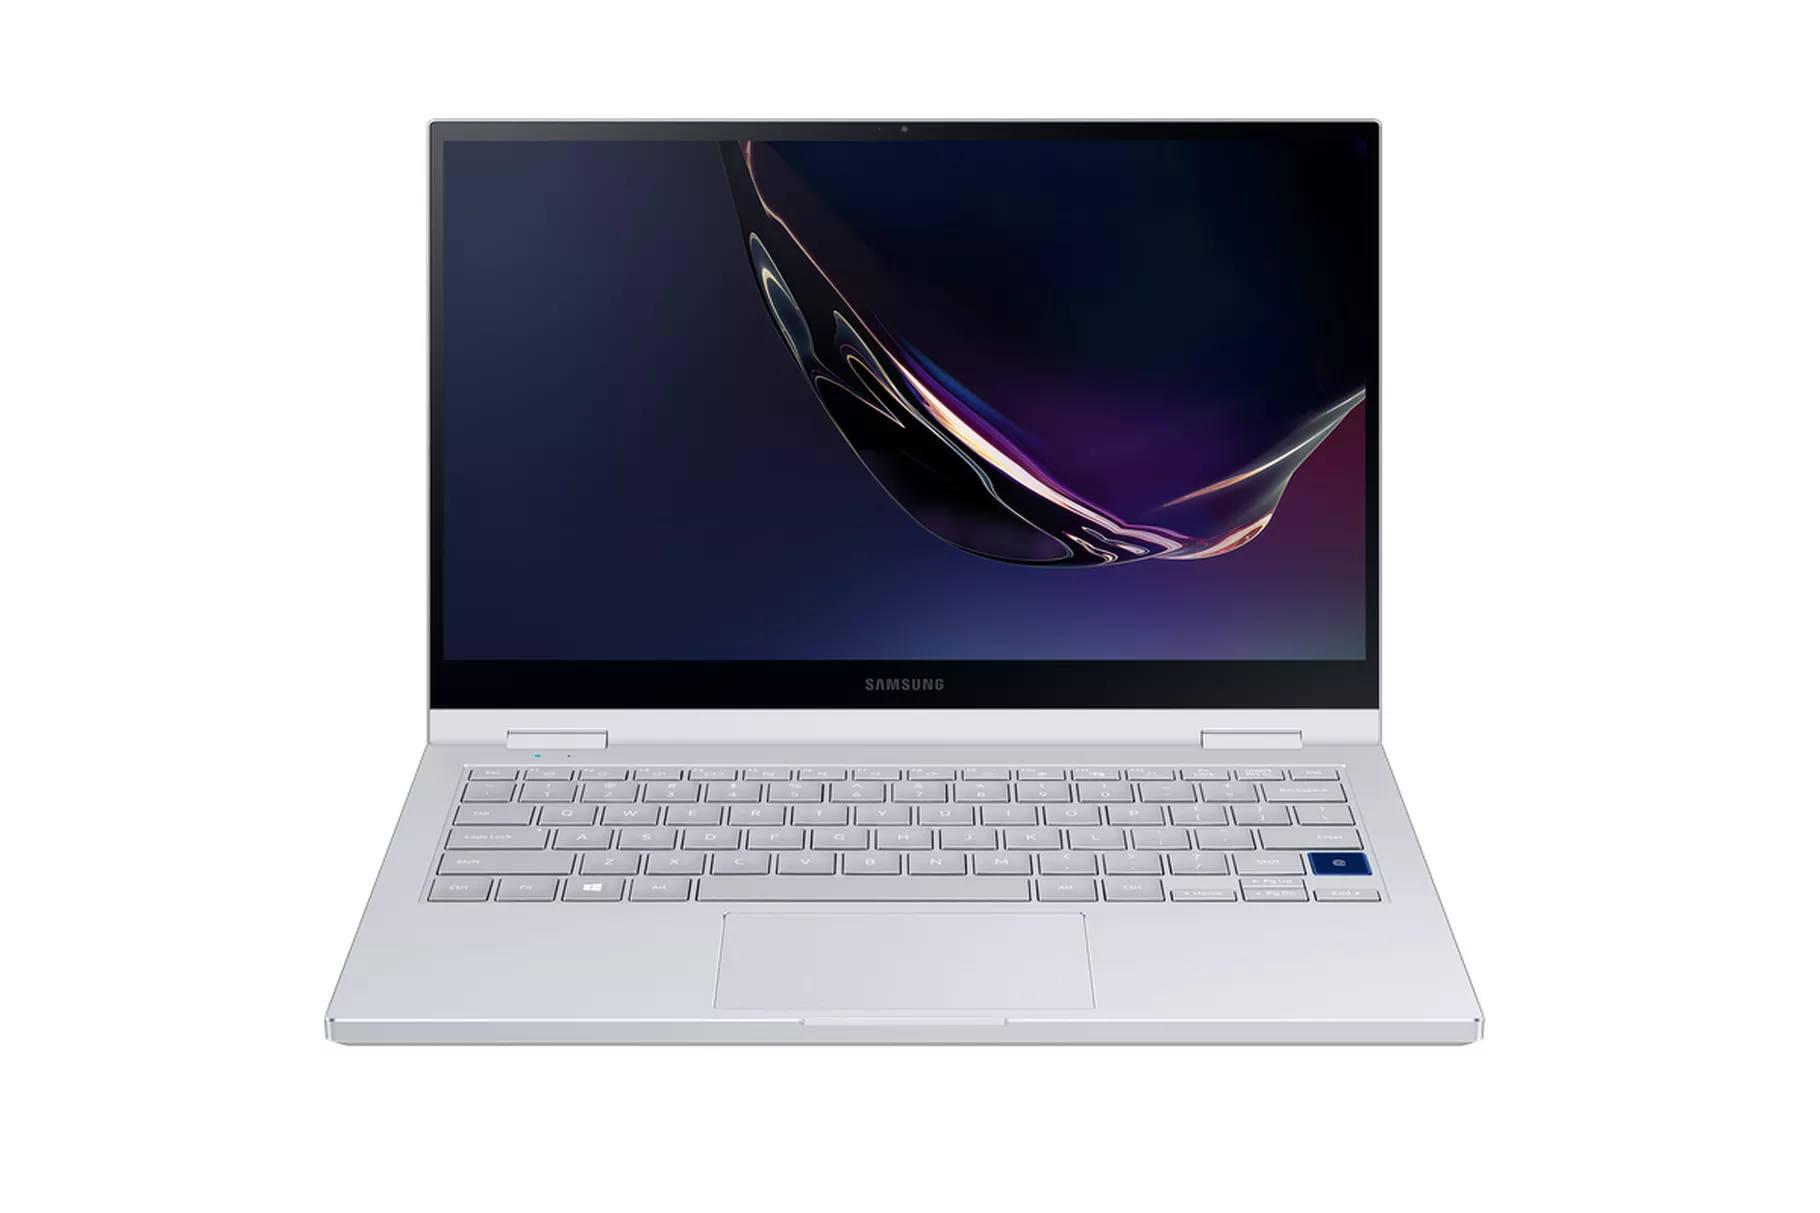 Samsung Galaxy Book Flex Alpha cena laptop 2w1 ekran QLED premiera CES 2020 specyfikacja dane techniczne opinie